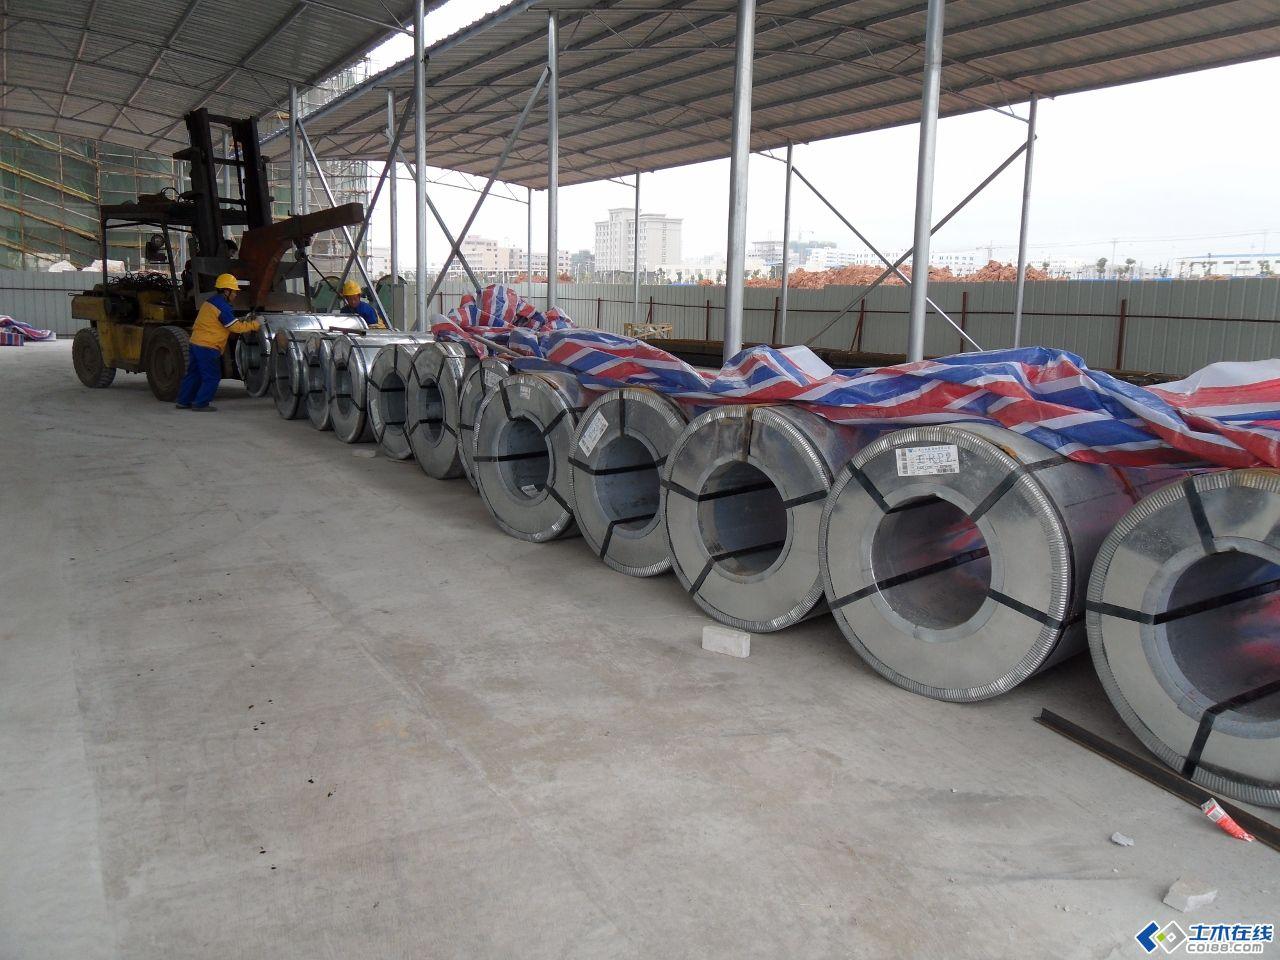 某大型項目暖通空調施工現場照片 風管系統